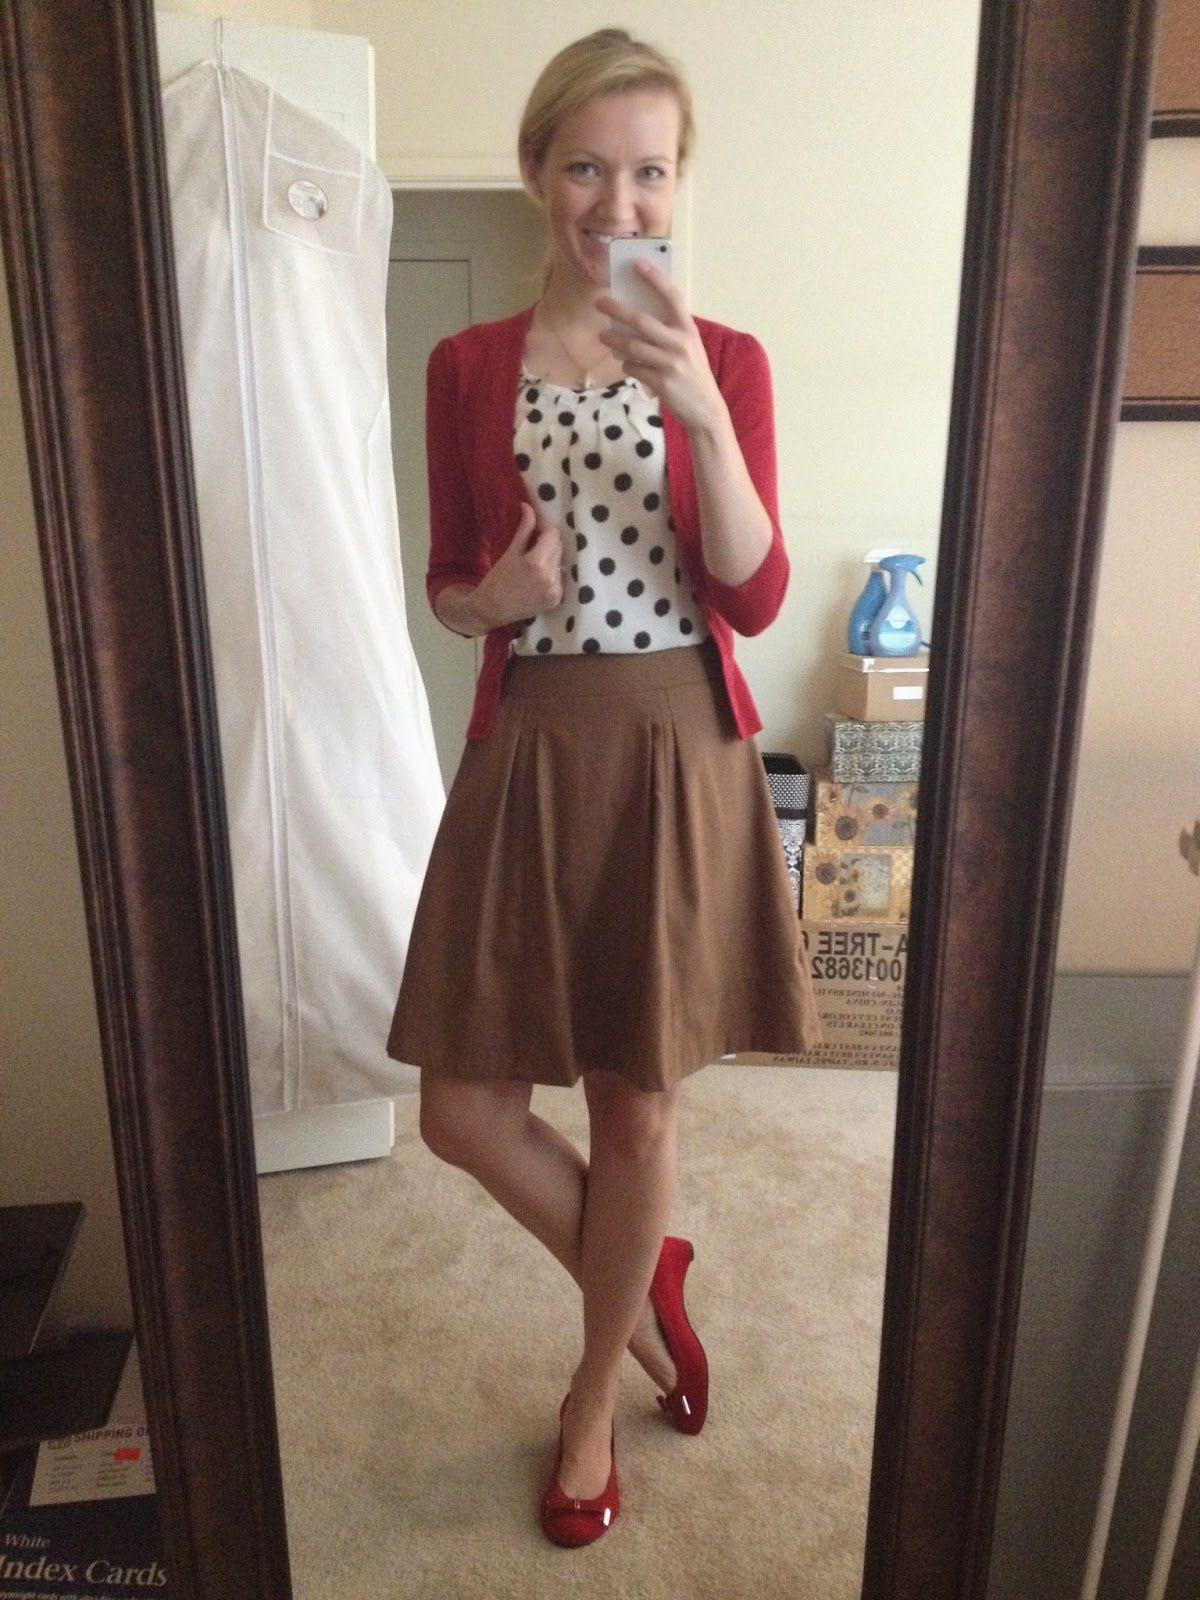 c37dfce2ed1b A Little Bit of WoWe : Teacher Style: Skirt Inspiration (13 Looks ...